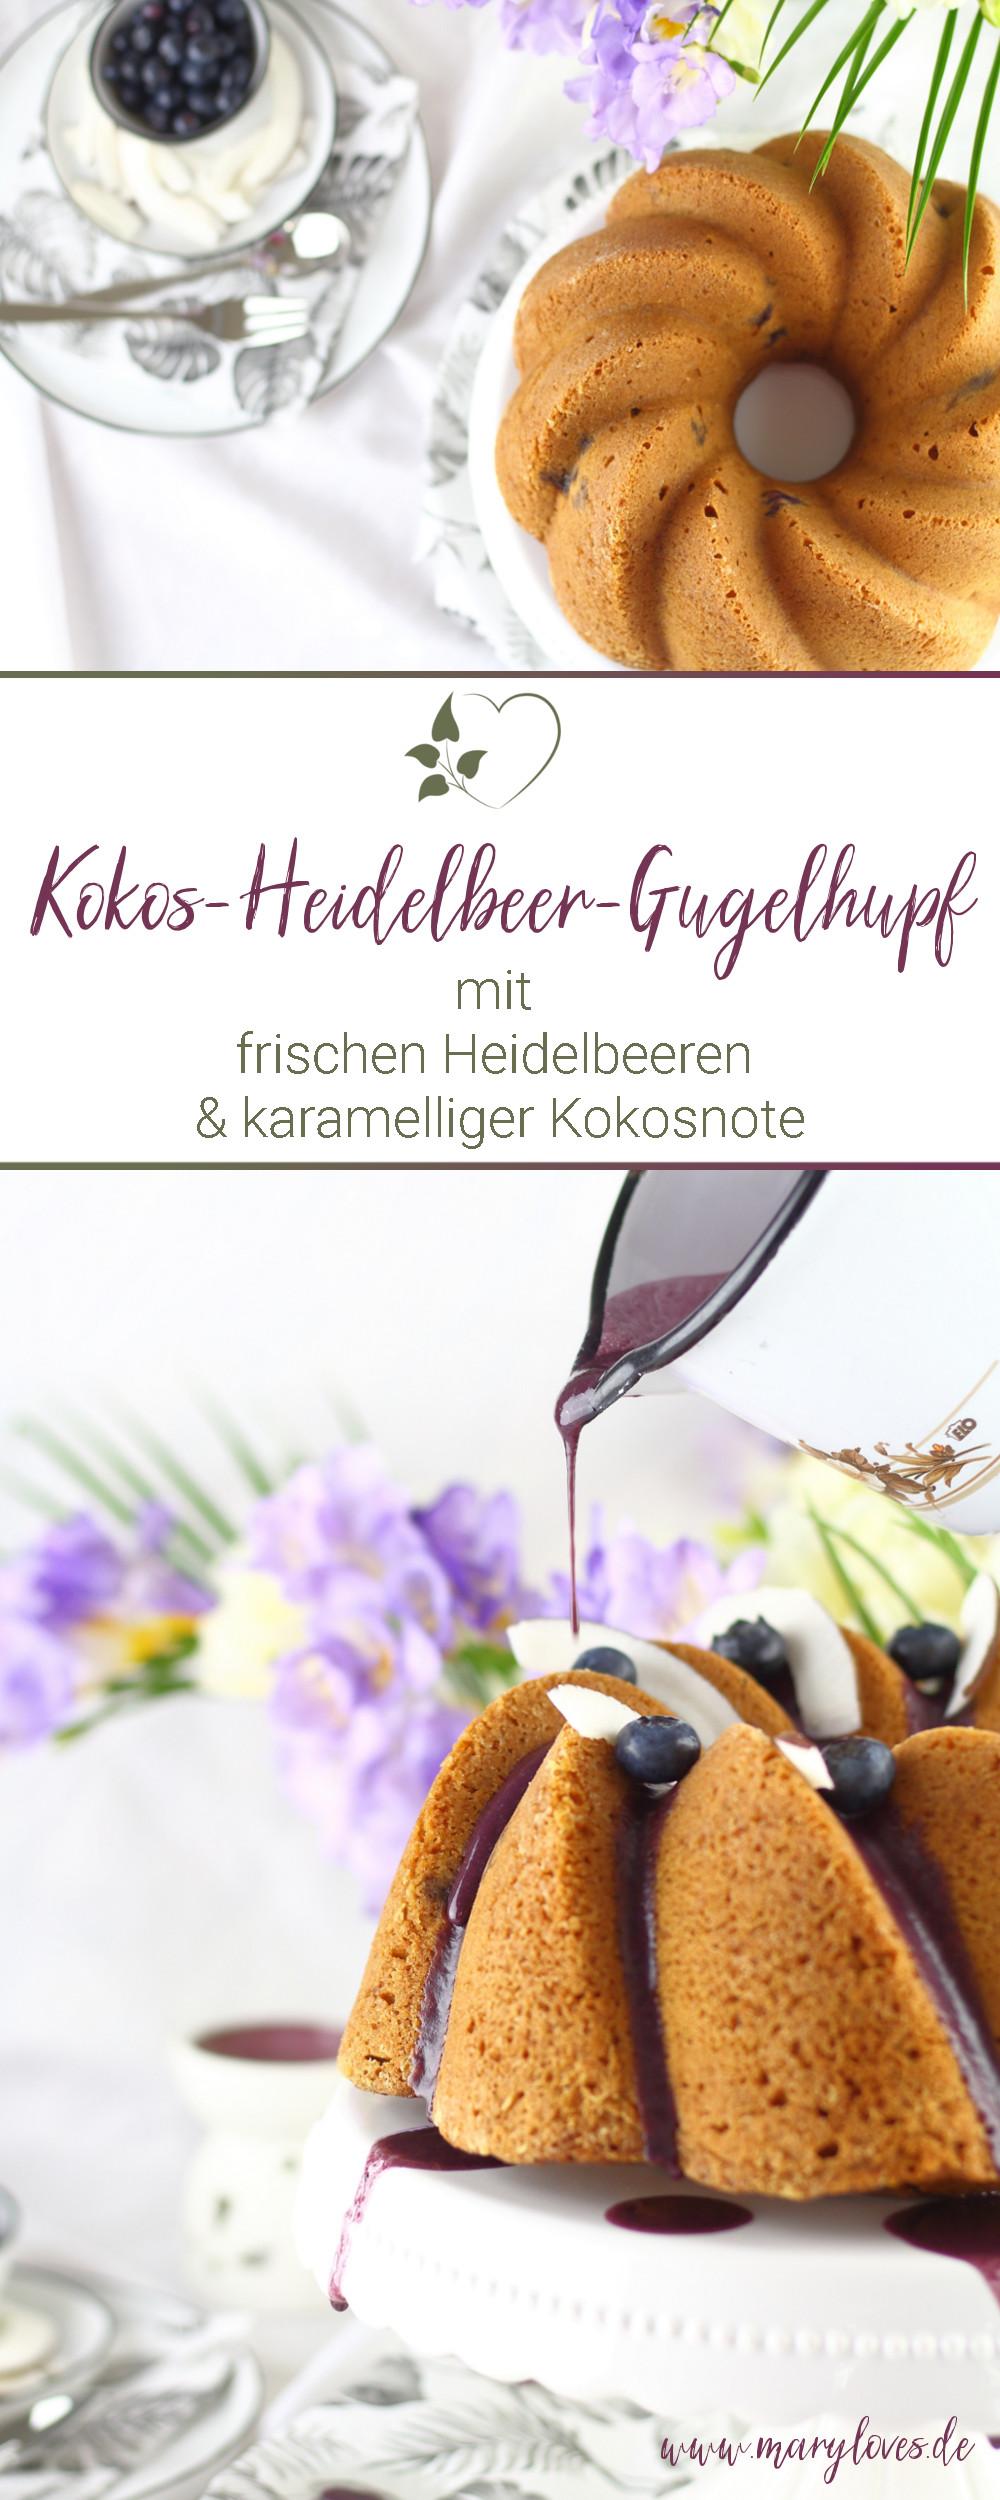 [Anzeige] Kokos-Heidelbeer-Gugelhupf mit frischen Beeren & karamelliger Kokosnote - #kokosheidelbeergugelhupf #gugelhupf #kuchen #zuckerfrei #zuckerfreibacken